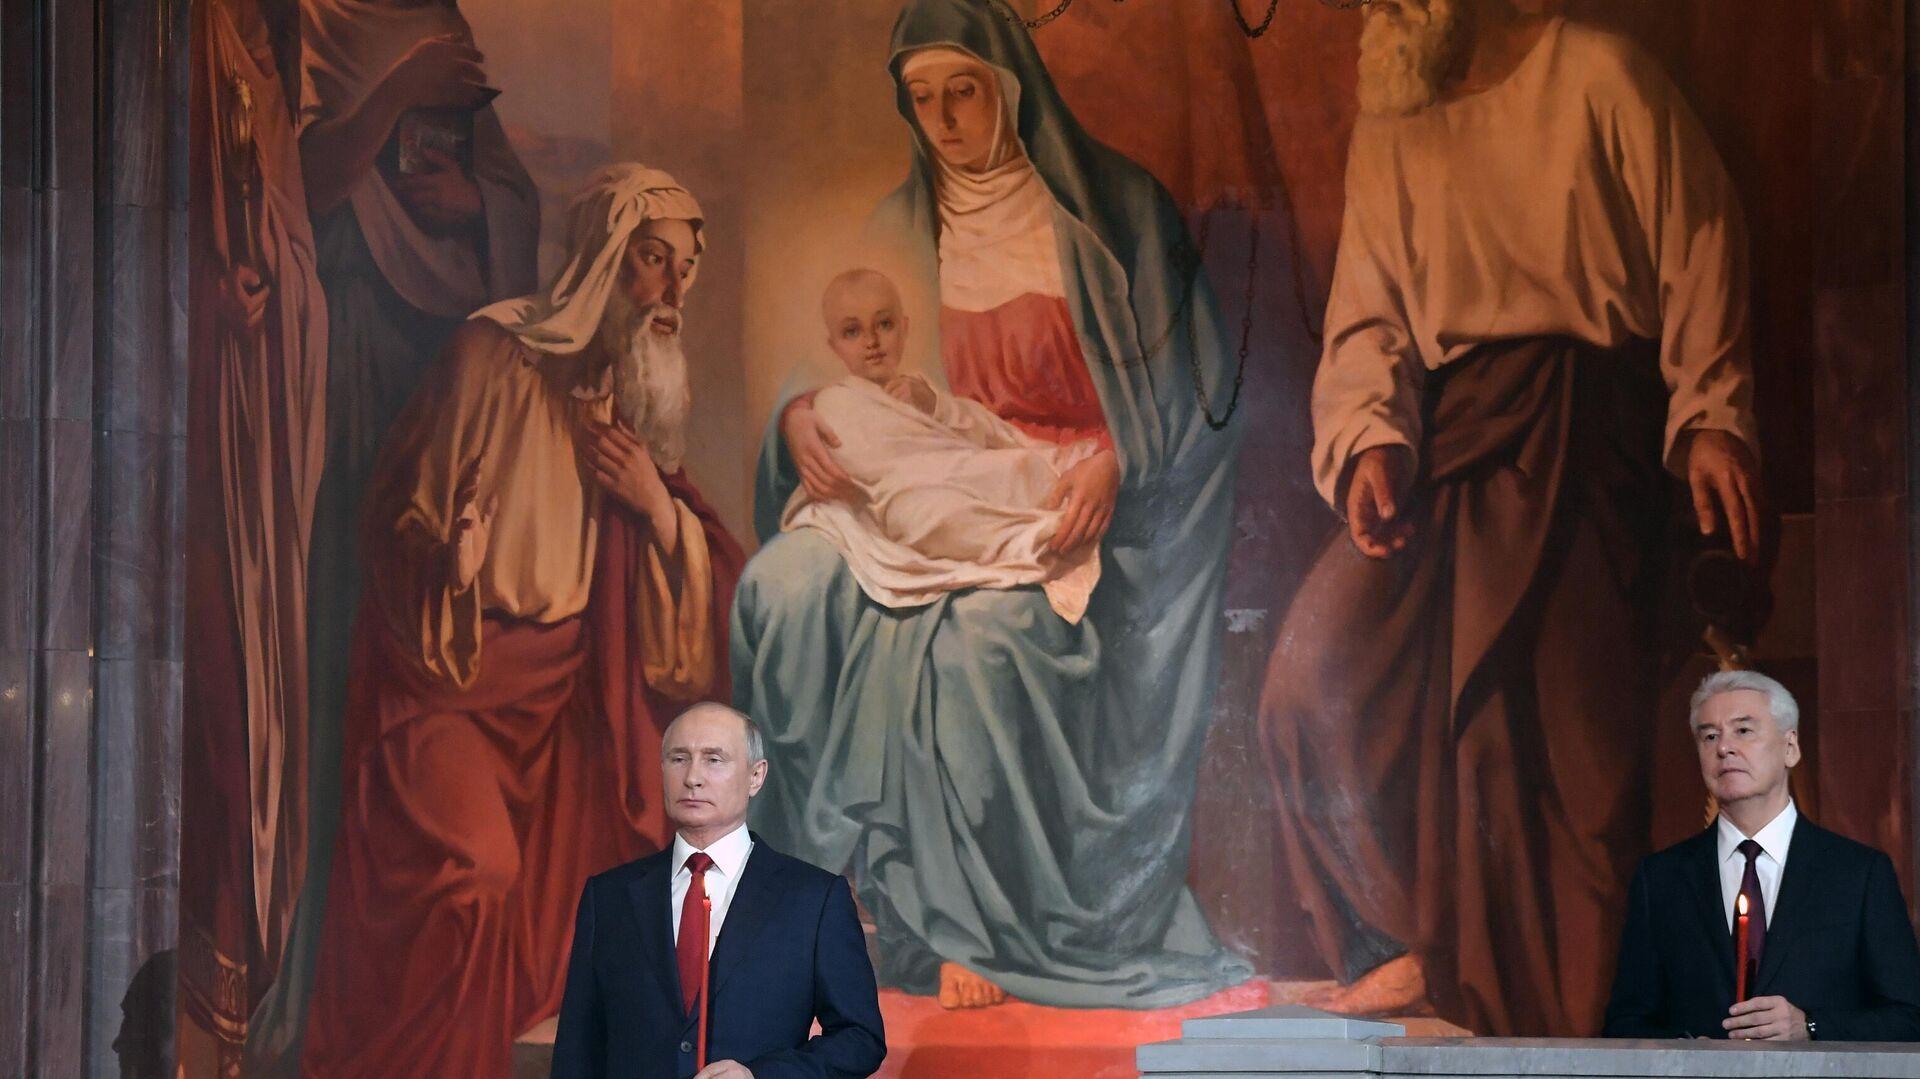 El presidente de Rusia, Vladímir Putin, y el alcalde de Moscú, Serguéi Sobianin, celebran la Pascua en la Catedral de Cristo Salvador - Sputnik Mundo, 1920, 02.05.2021